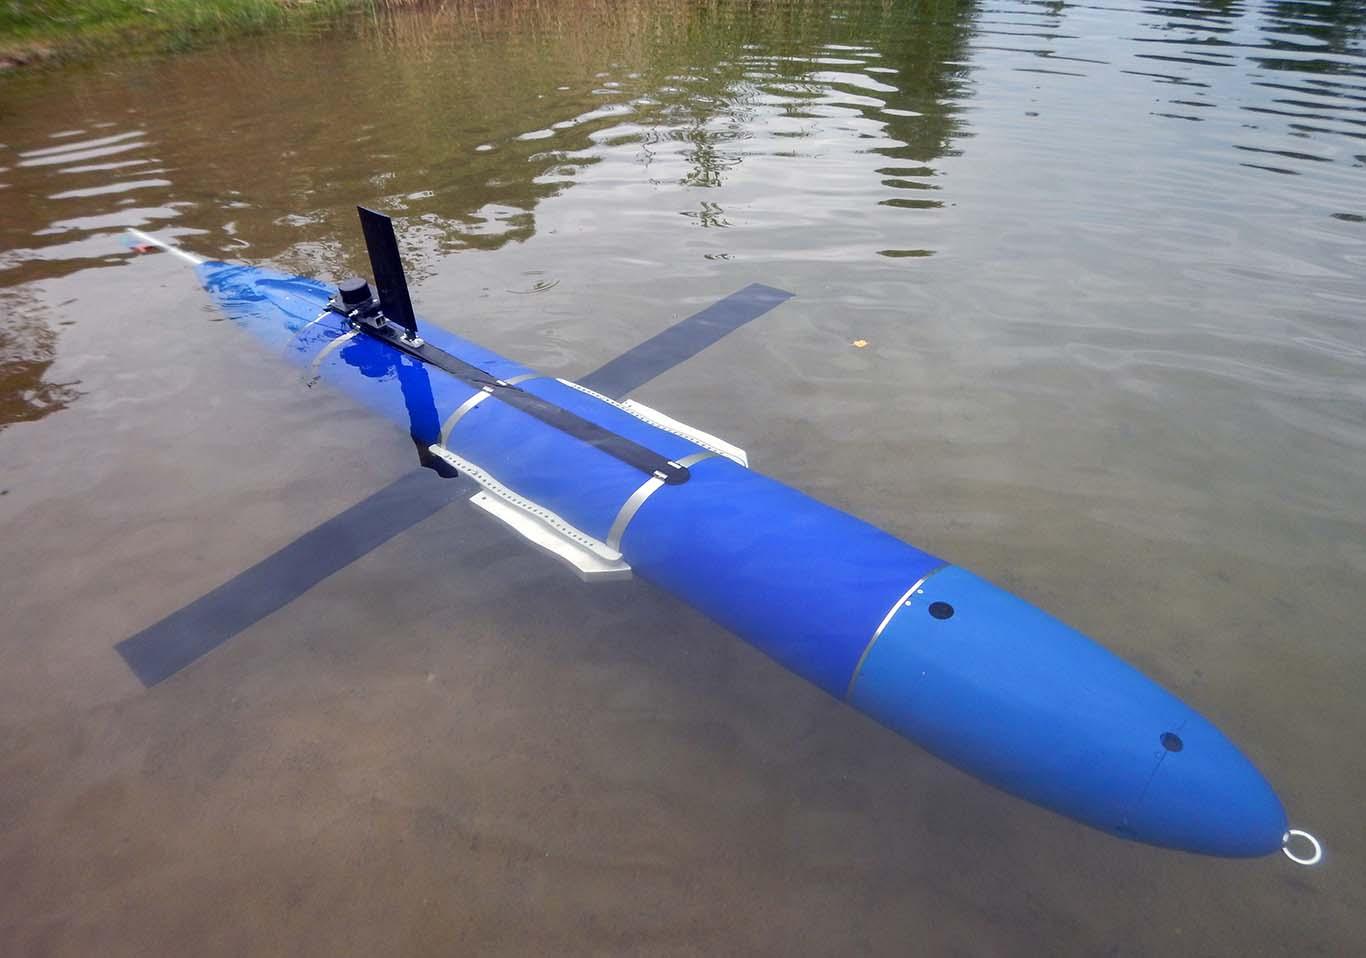 Подводный глайдер на испытаниях в Ленинградской области